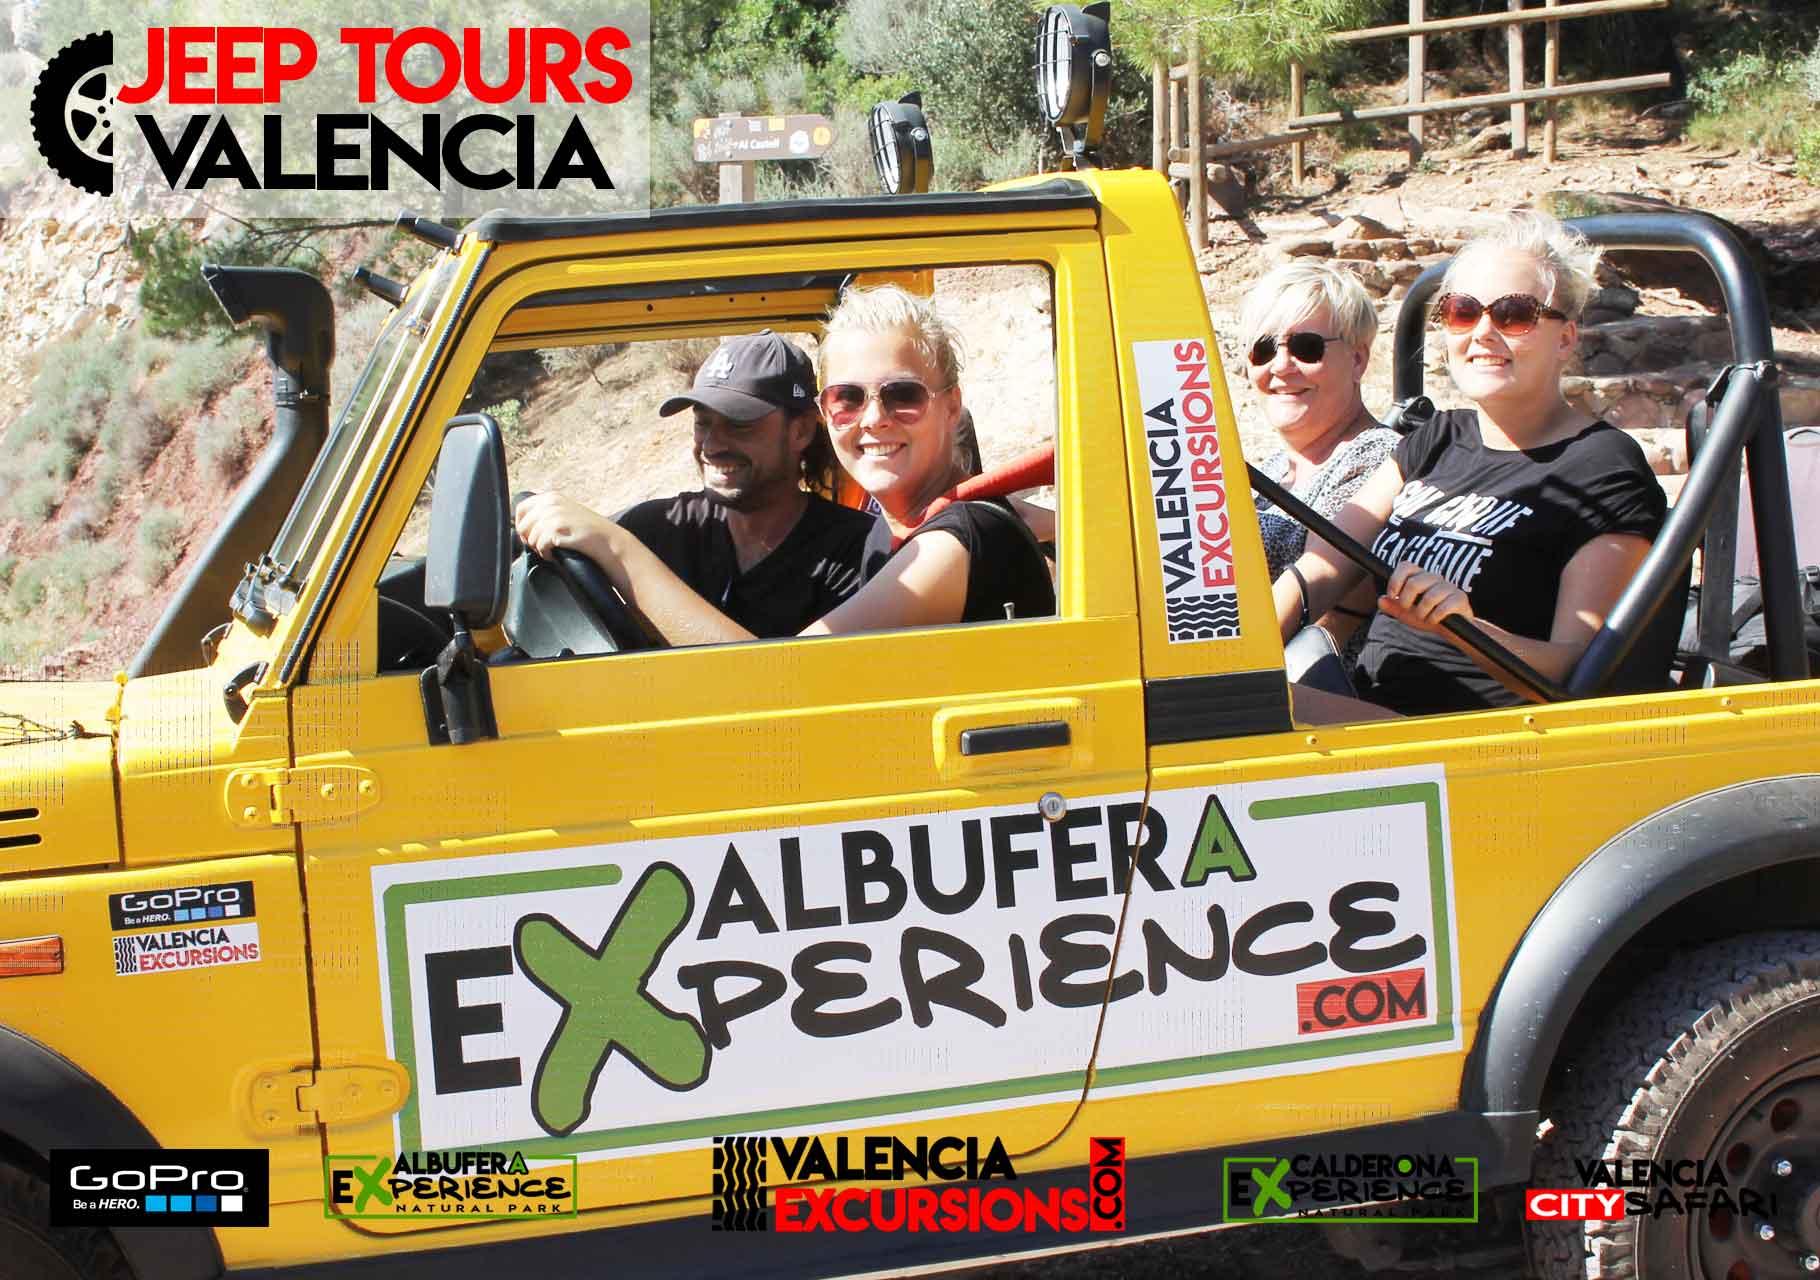 Albufera Tour Valencia